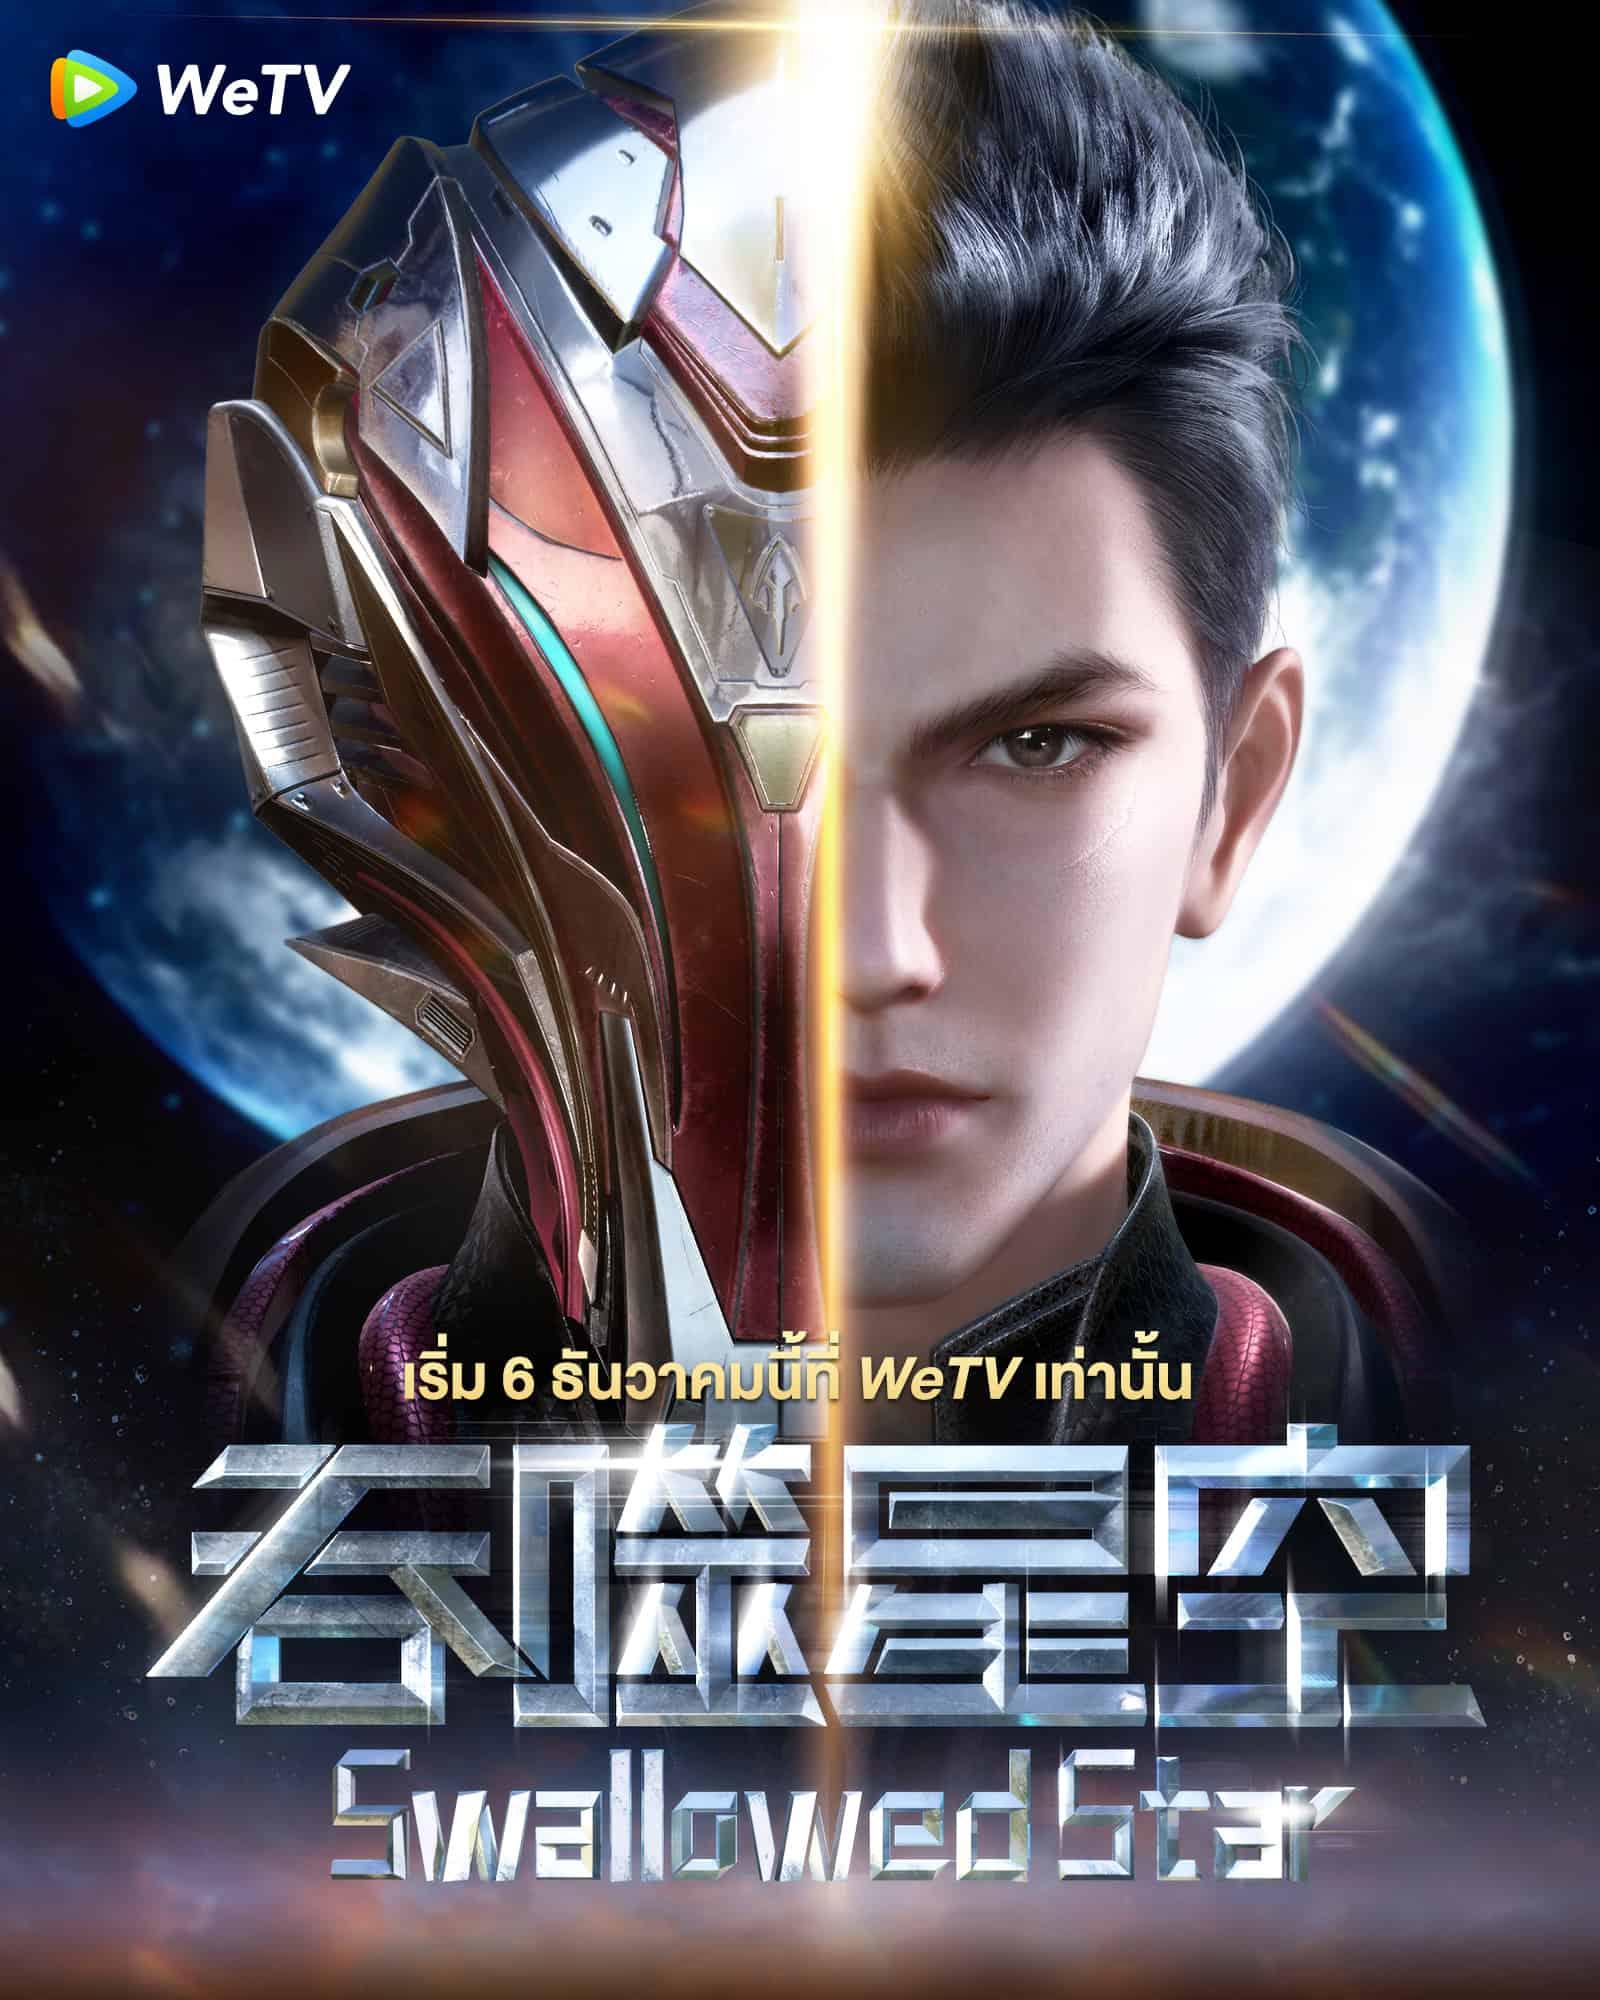 Swallowed Star (2020) มหาศึกล้างพิภพ ซับไทย EP1 – EP16